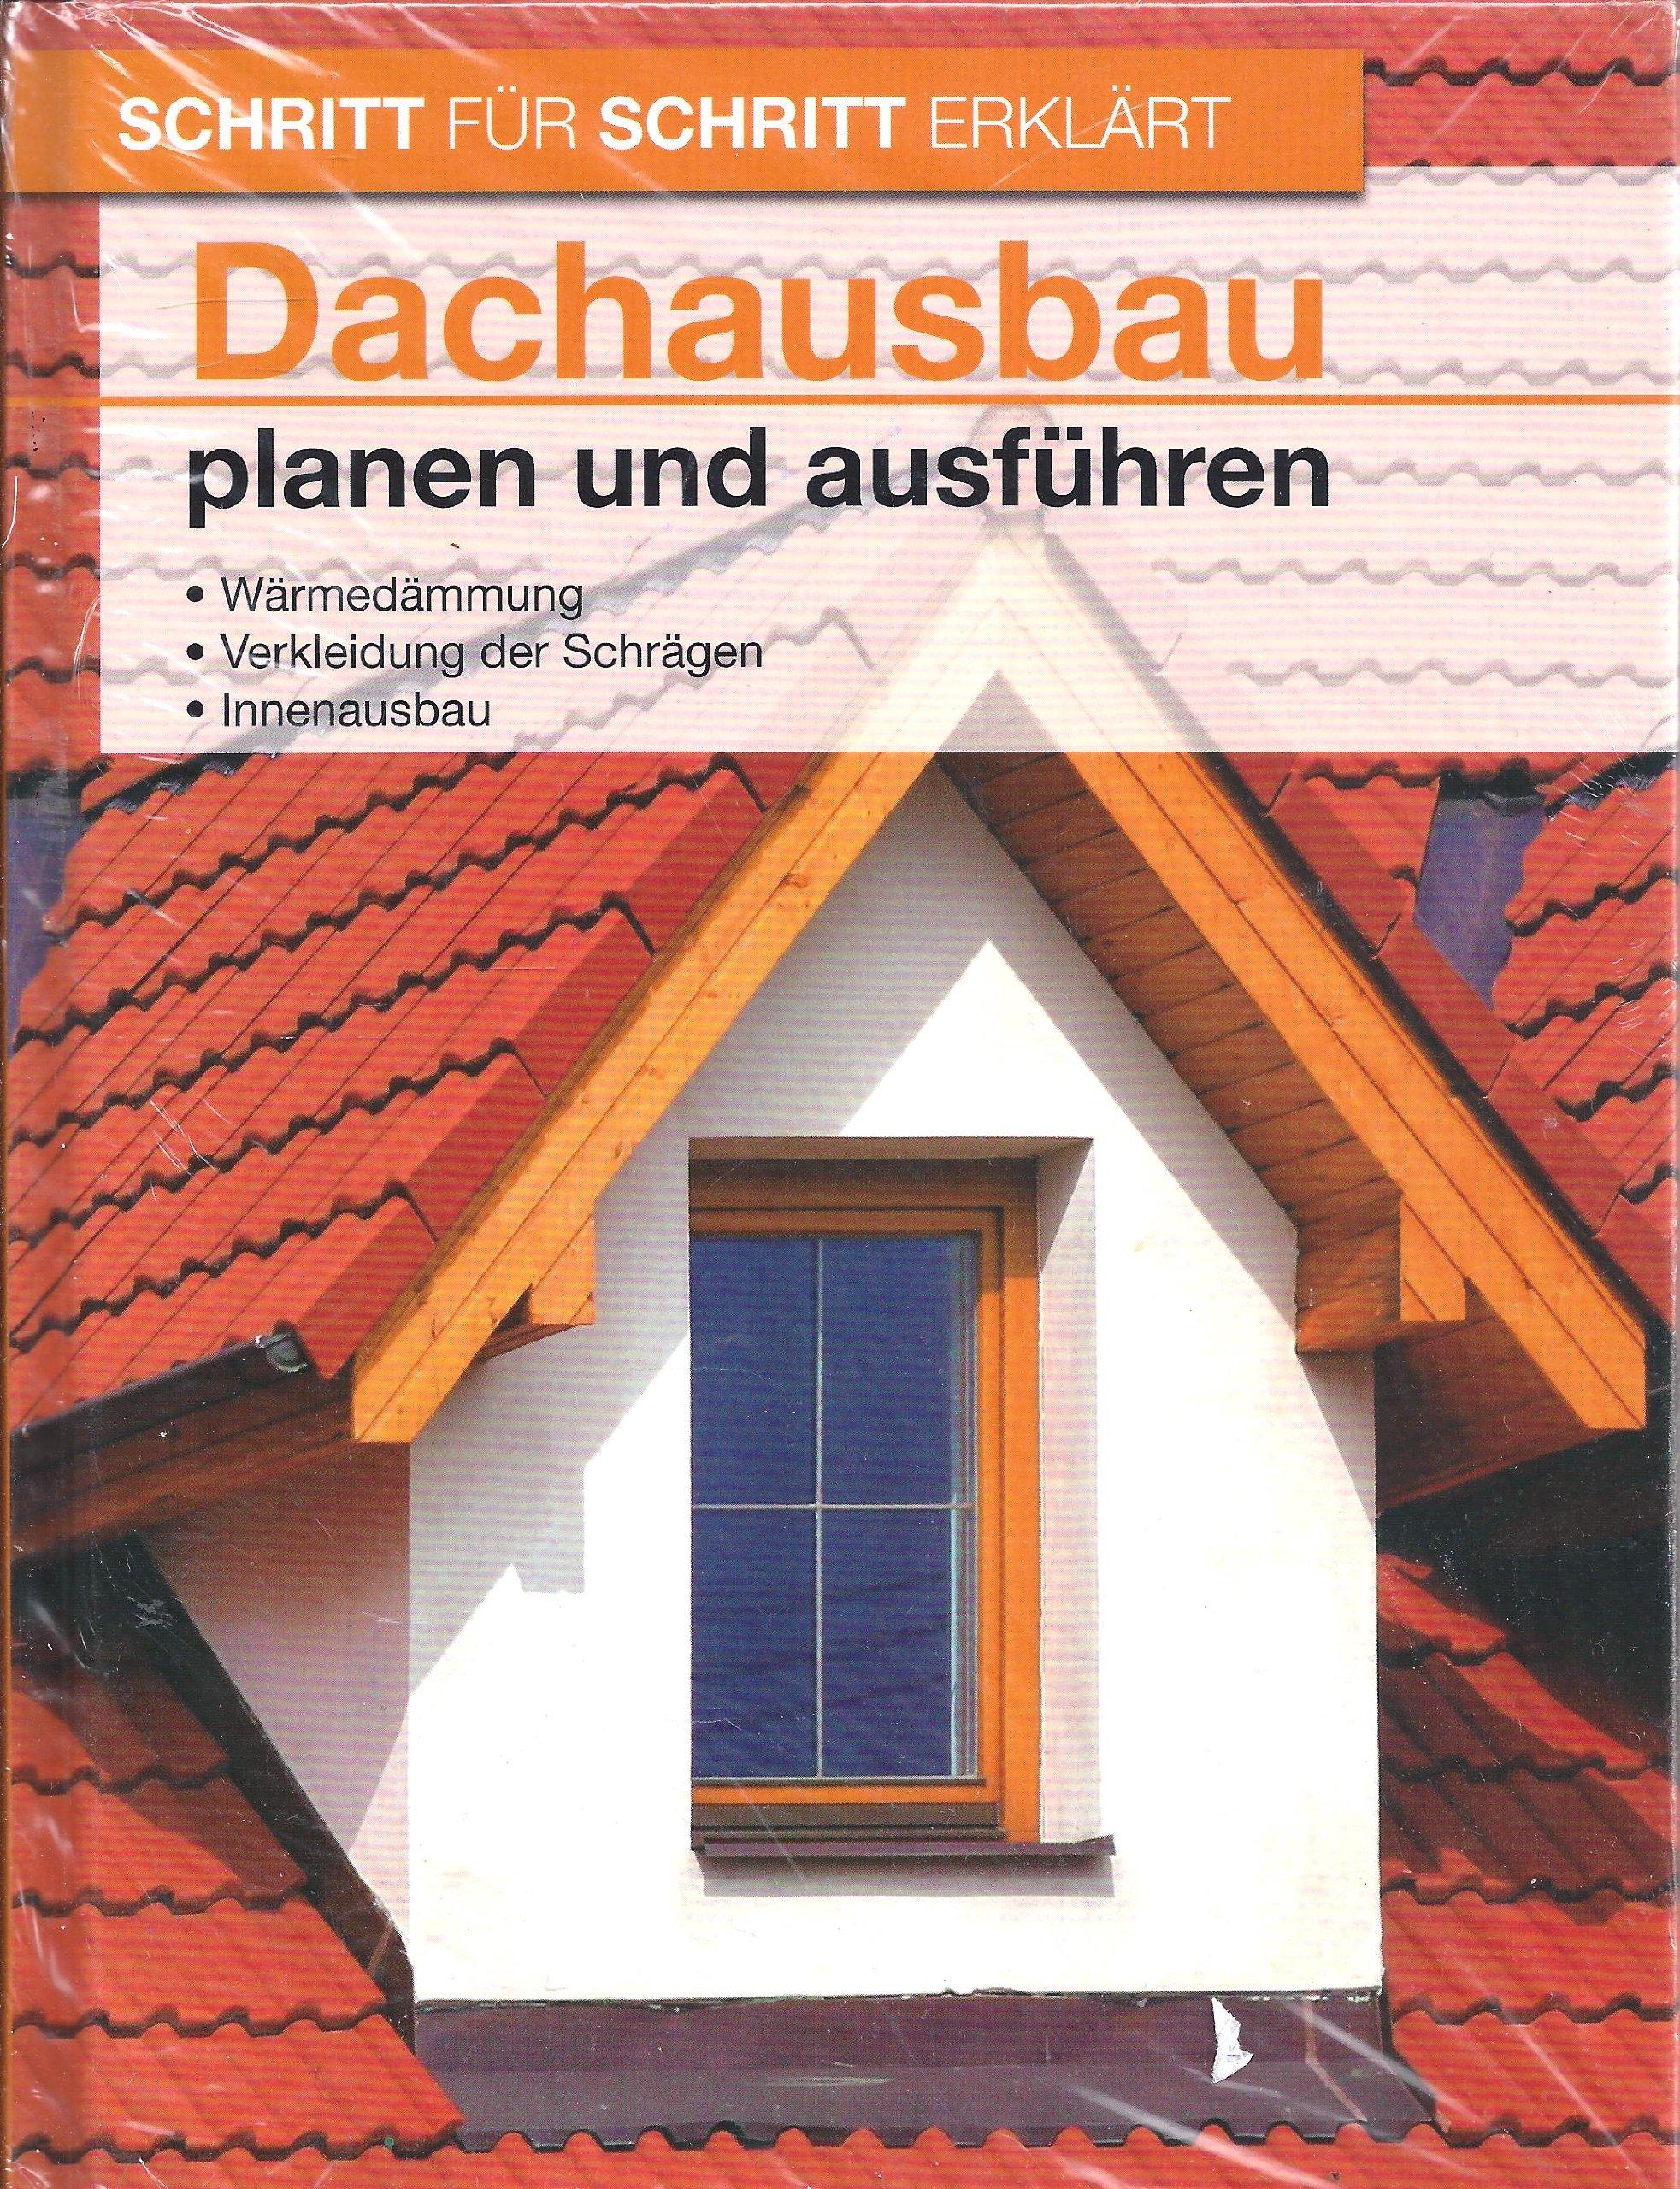 Schritt für Schritt erkärt Dachausbau planen und ausführen ...